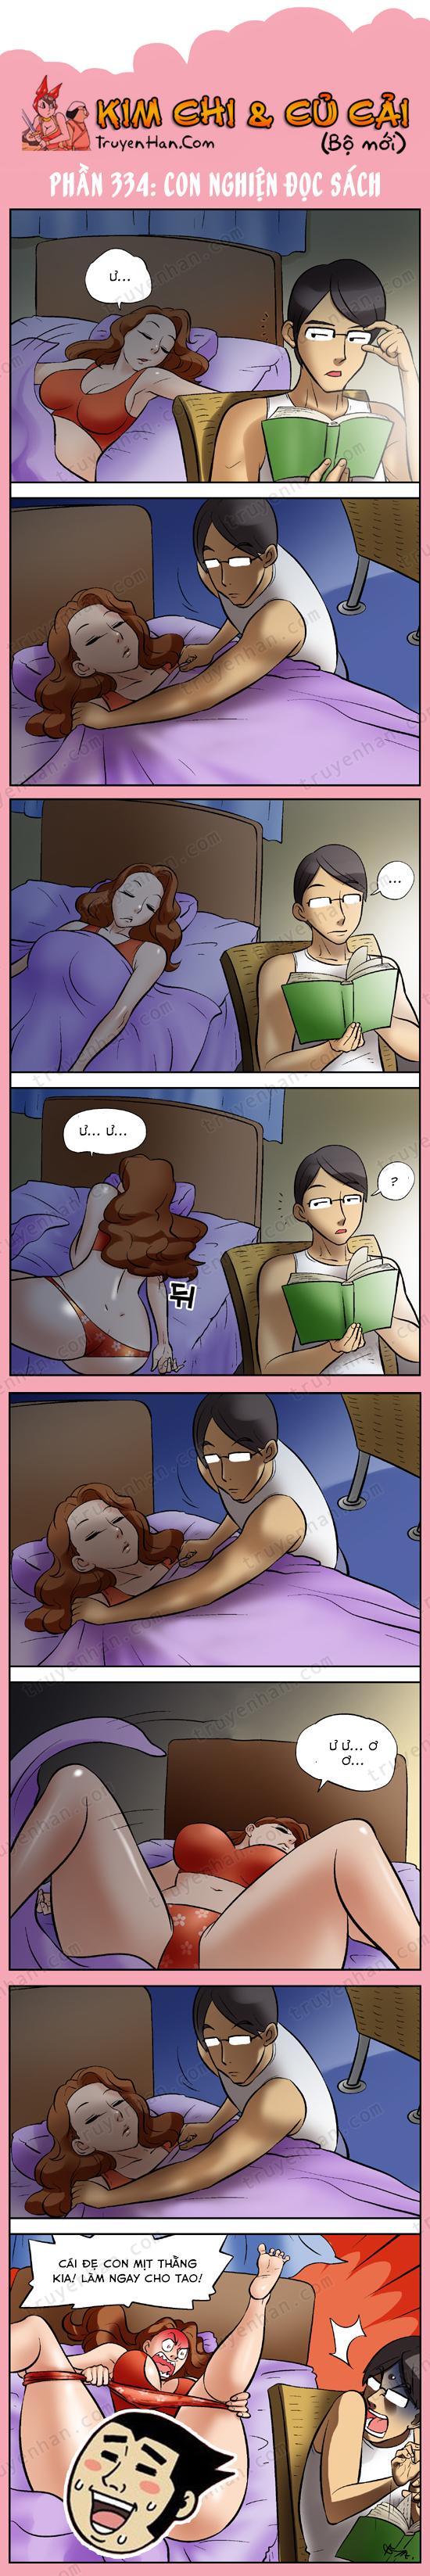 Kim Chi & Củ Cải (bộ mới) phần 334: Con nghiện đọc sách